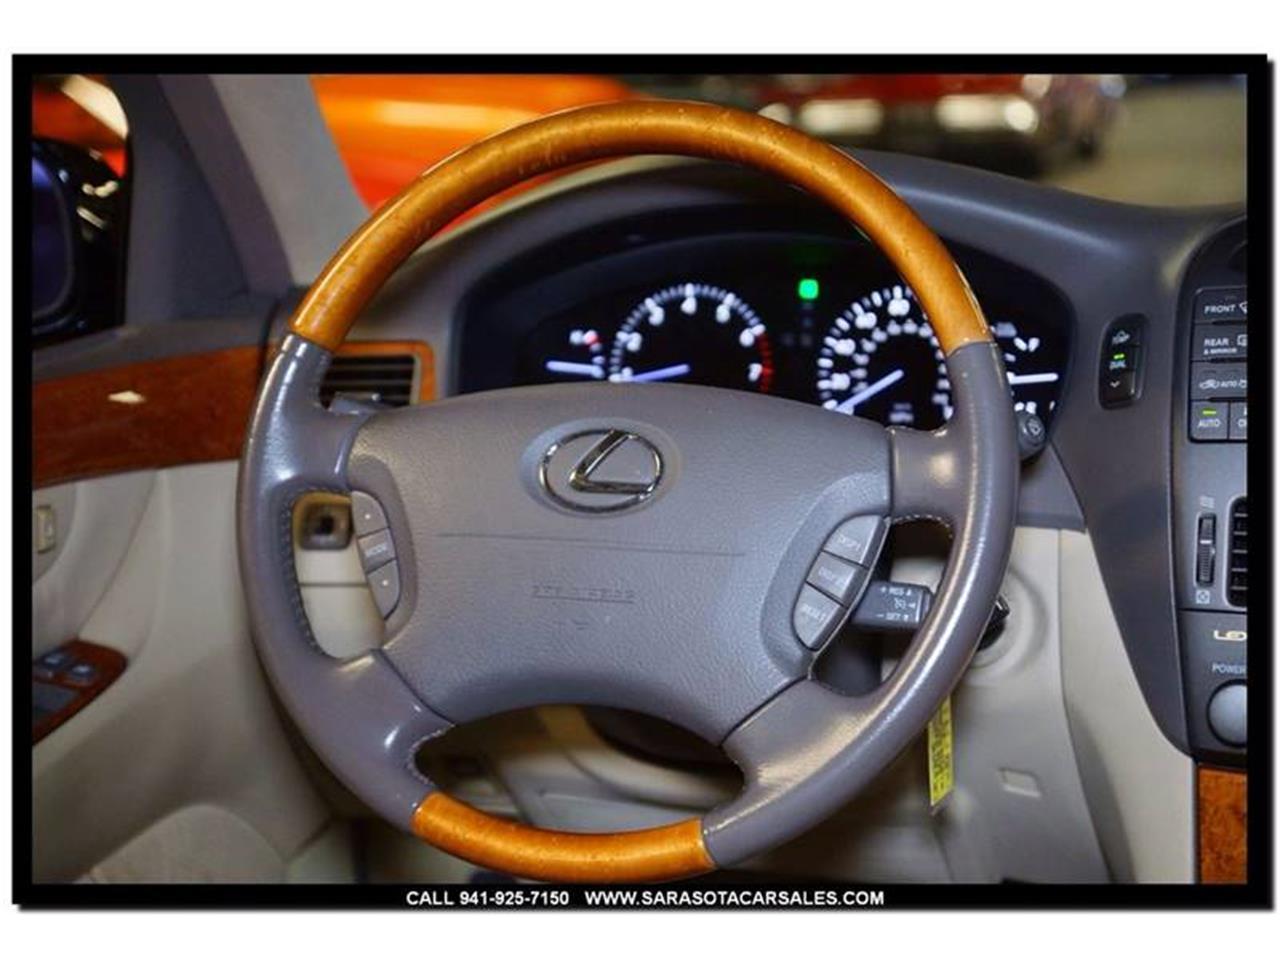 ls430 steering wheel not working